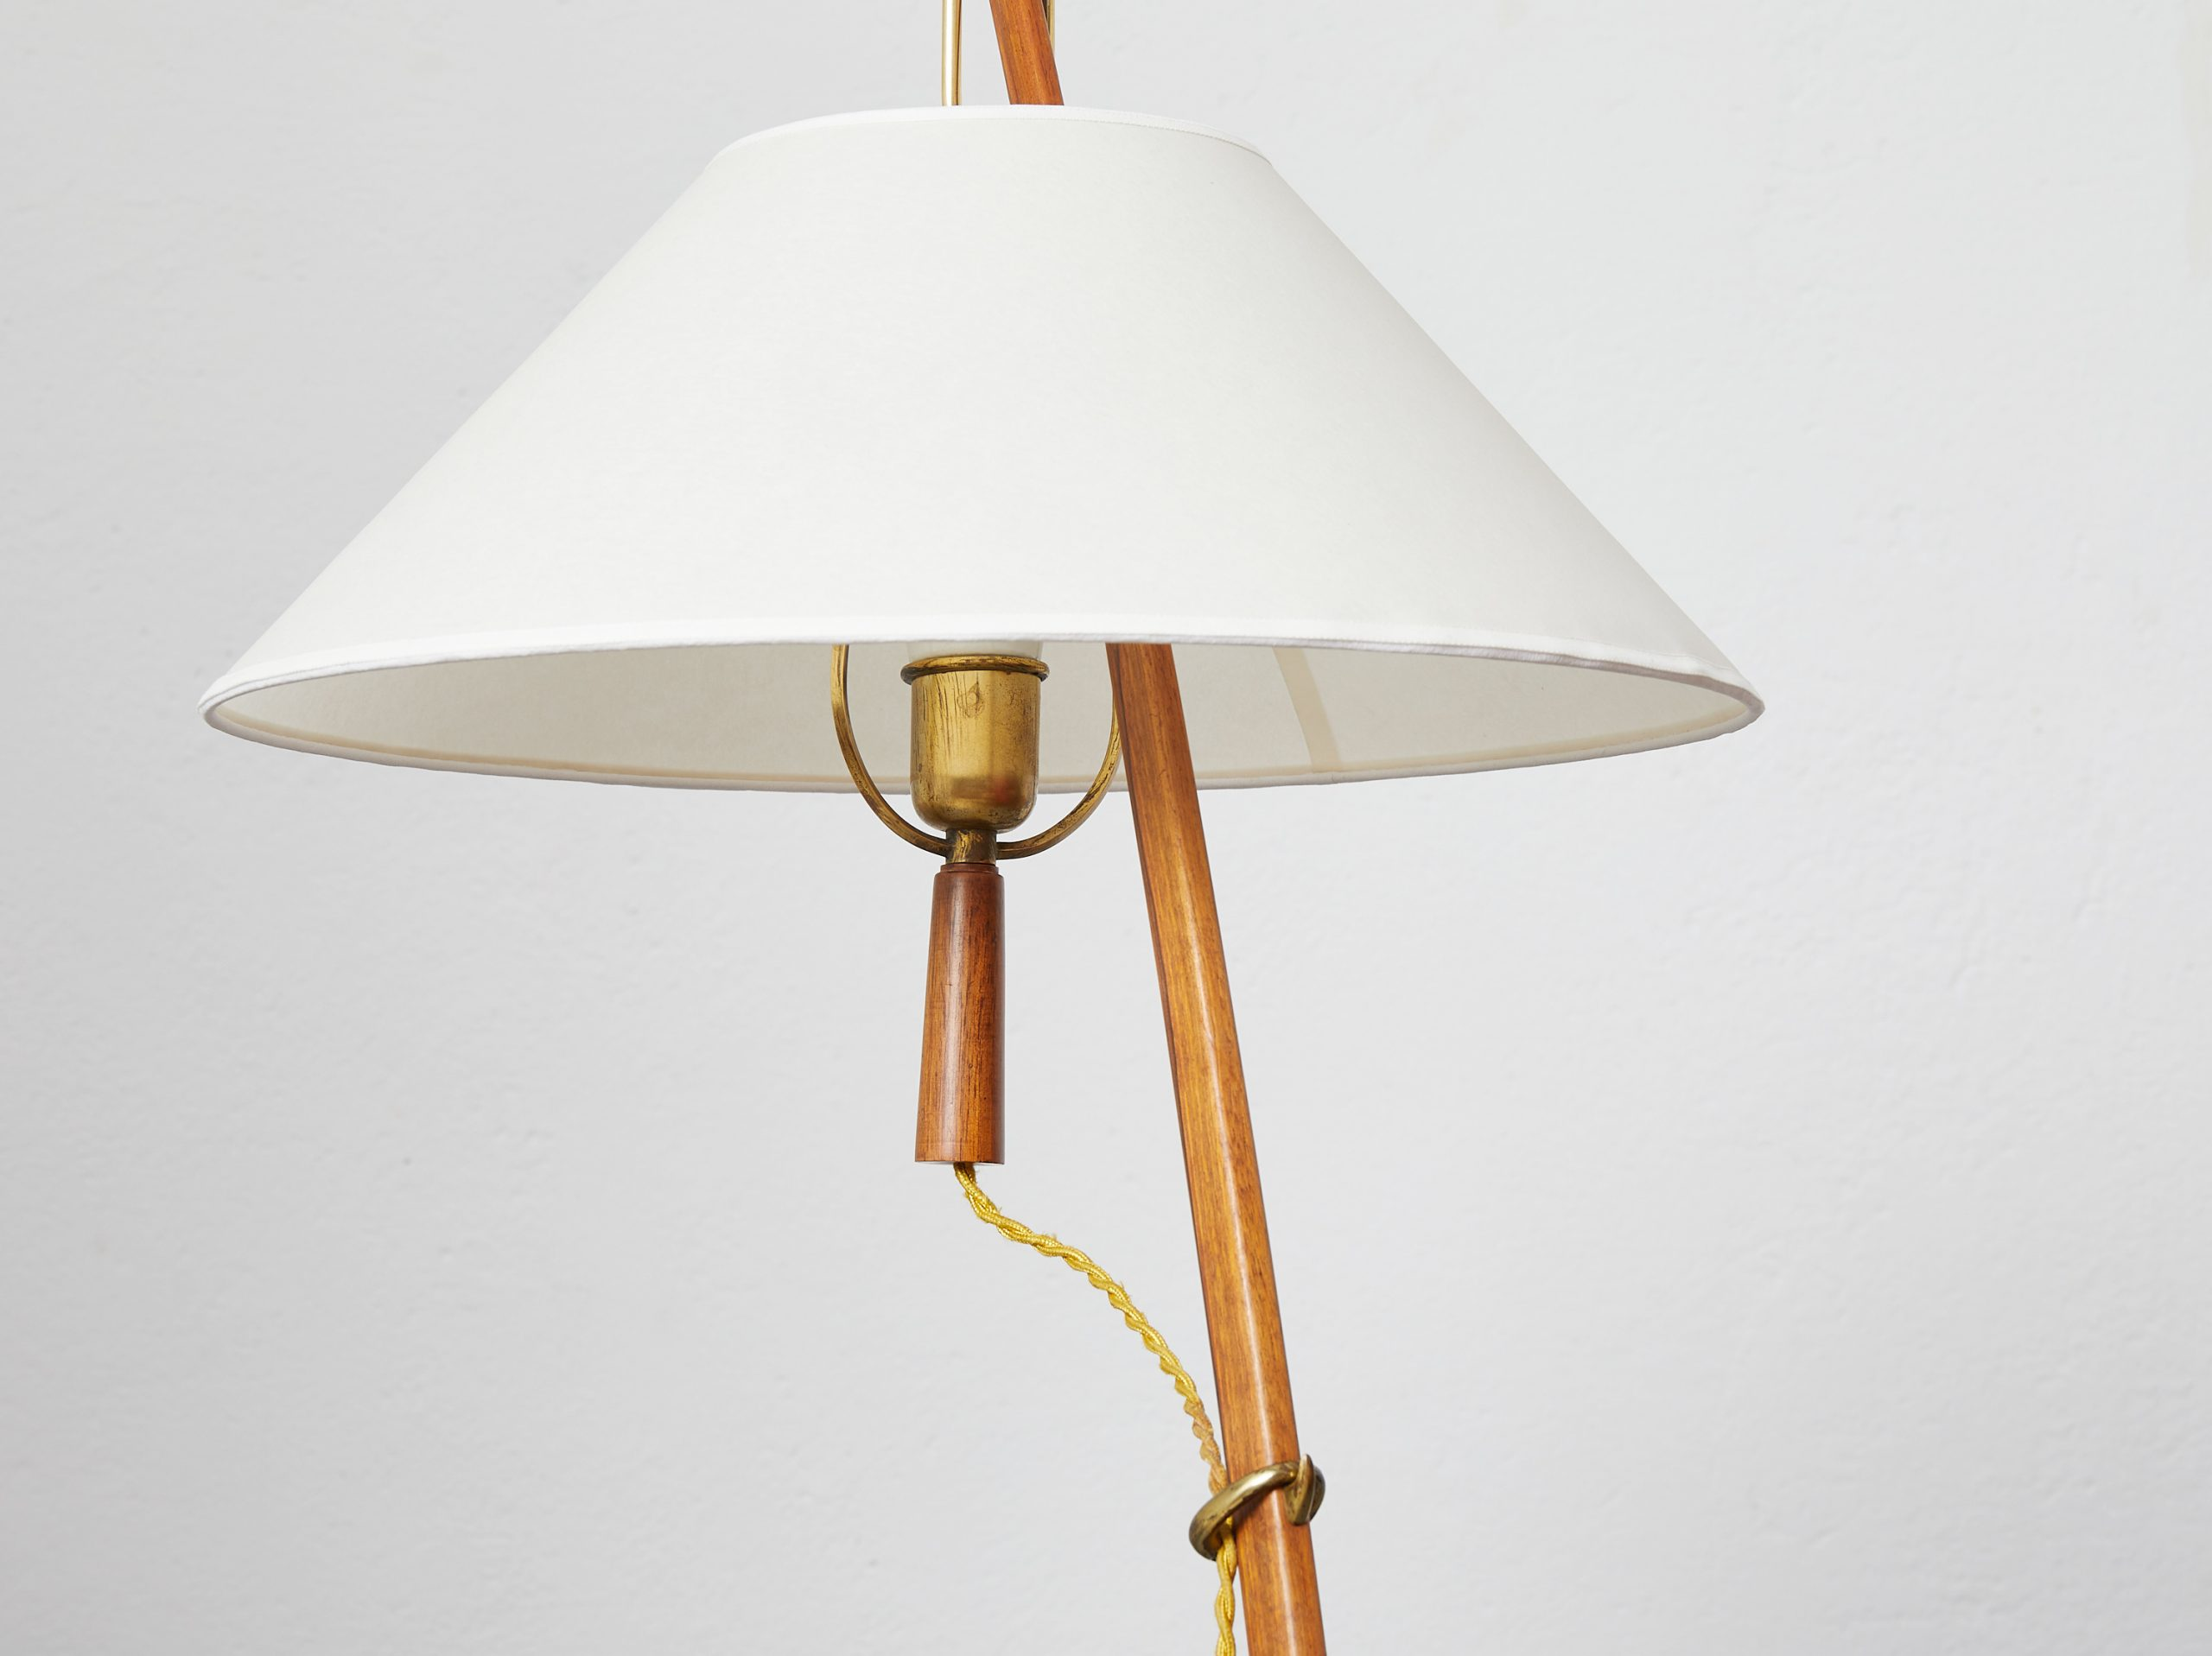 model-2076-ordornstab-floor-lamp-in-teak-and-brass-by-j-t-kalmar-1950-image-04